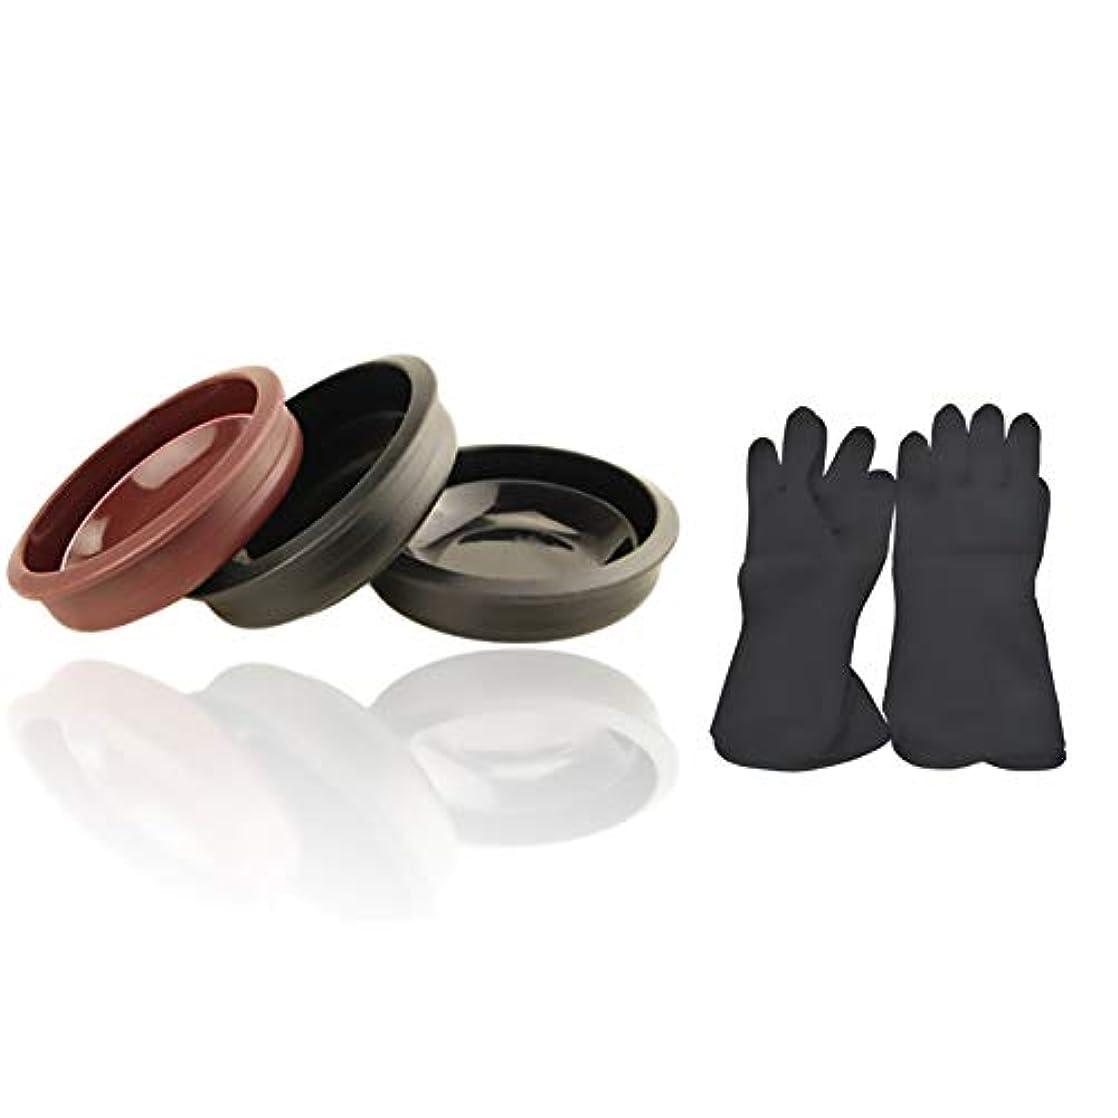 コロニアルマザーランド大砲Tofover 3ピースヘアカラーミキシングボウルと20カウントヘアダイ手袋、黒の再利用可能なゴム手袋、ヘアサロンヘア染色のためのプロのヘアカラーツールキット